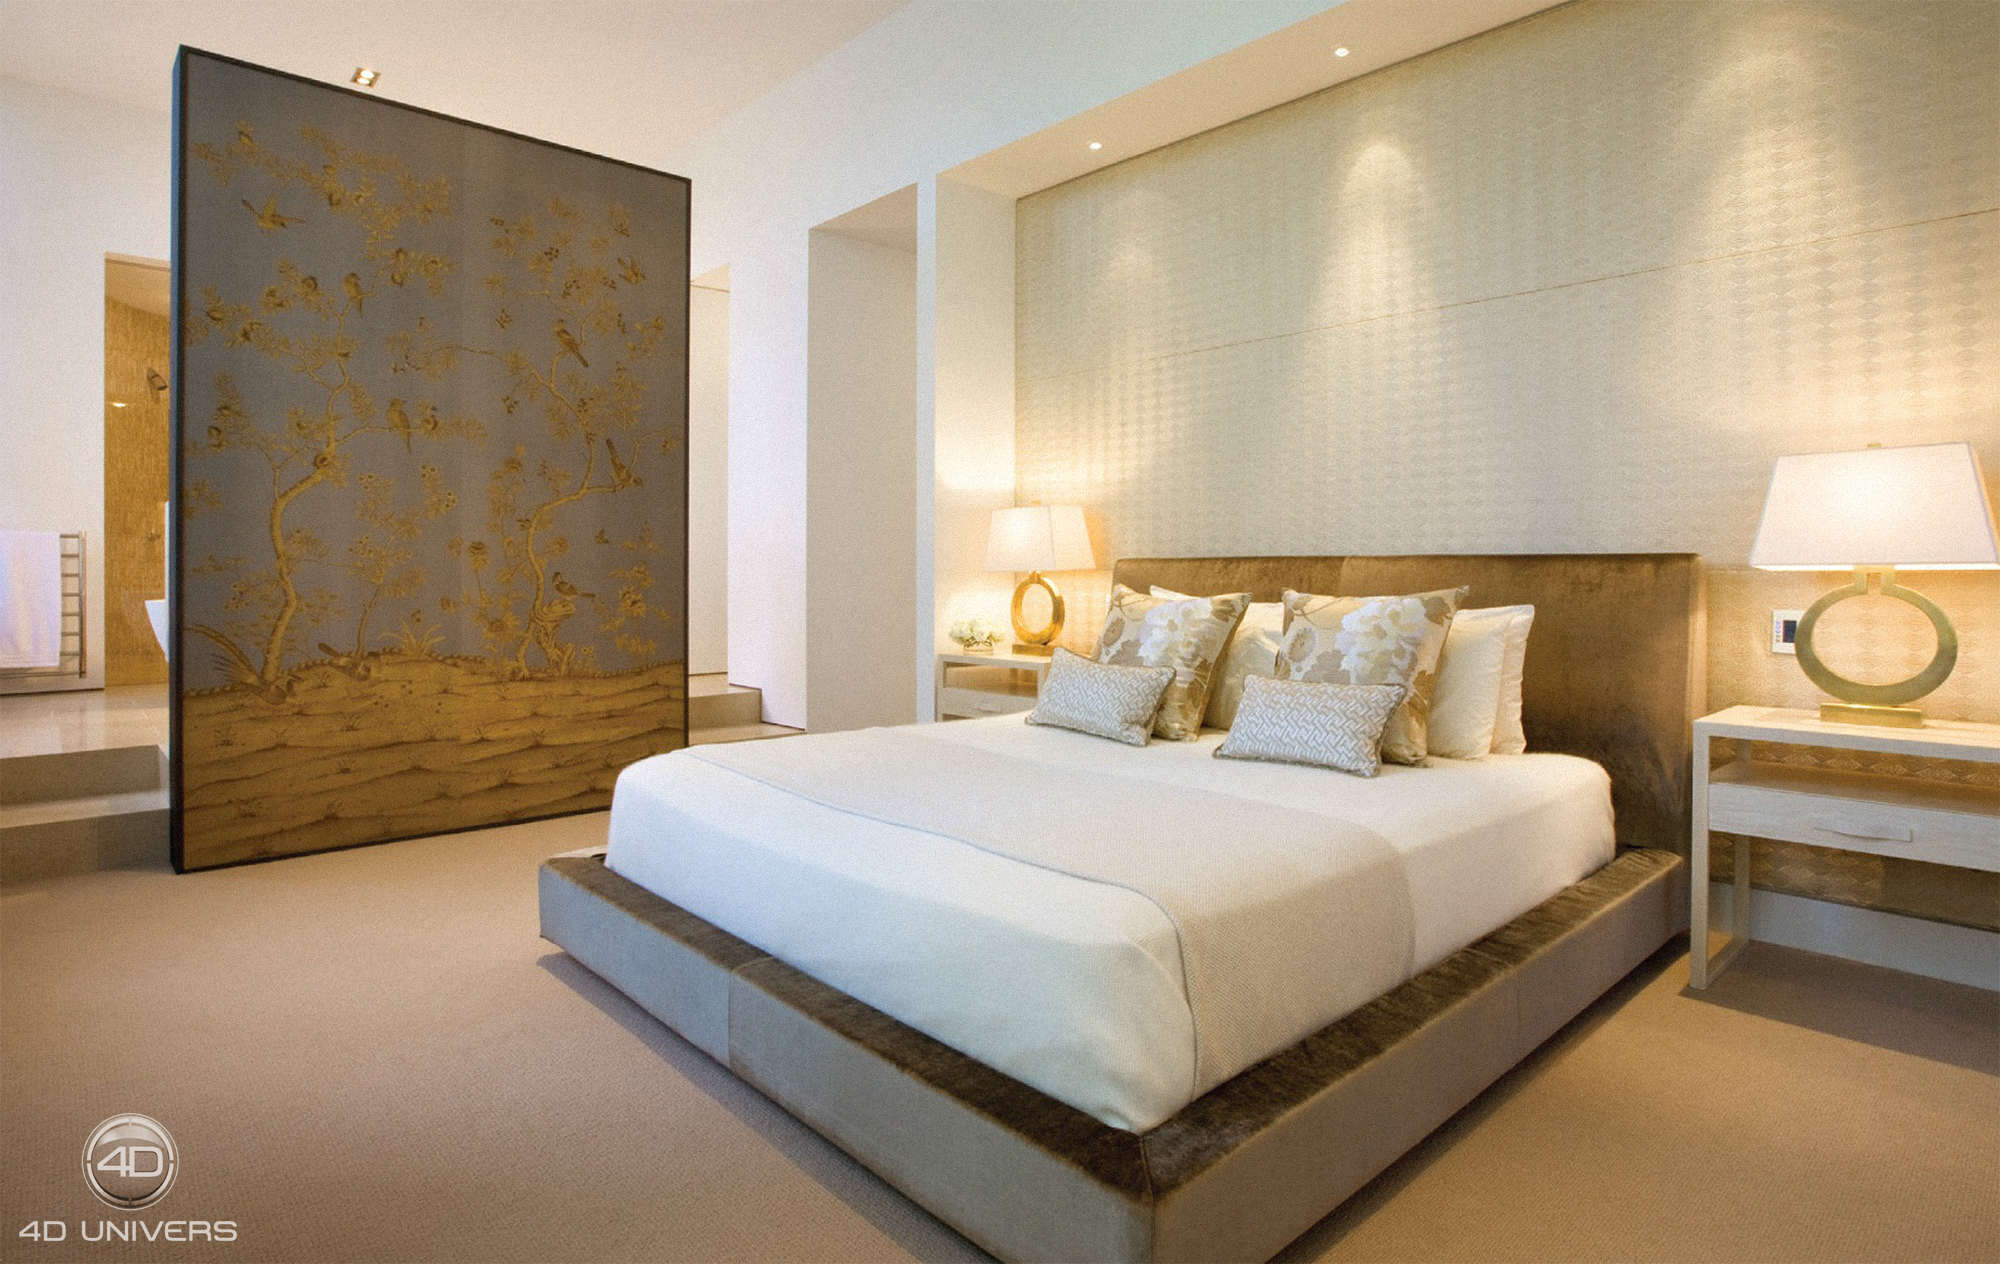 interieur luxe paris 4d univers studio animation 3d architecture 3d visites virtuelles. Black Bedroom Furniture Sets. Home Design Ideas